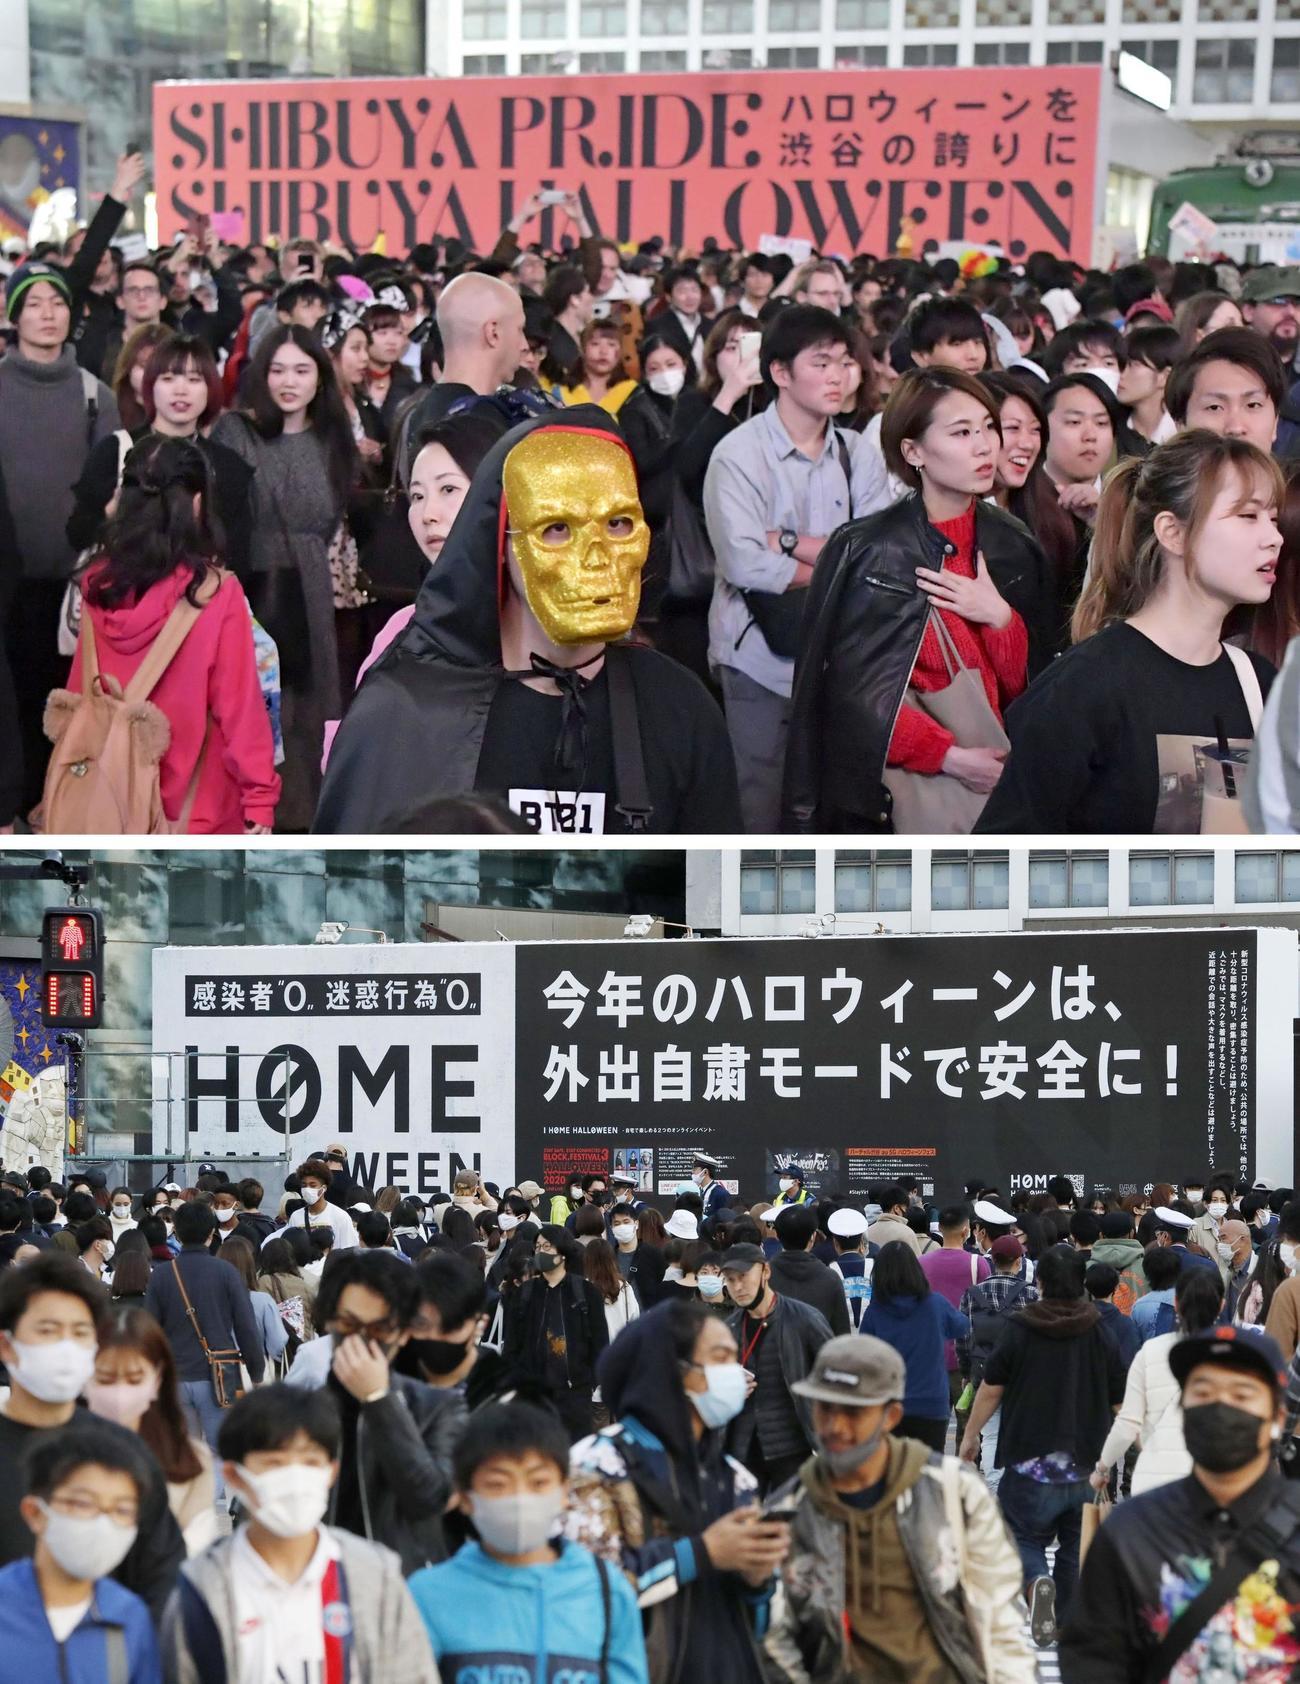 2019年10月、ハロウィーン本番を迎え、大勢の人たちでにぎわう東京・渋谷のスクランブル交差点(上)。今年は自宅でハロウィーンを楽しむよう呼び掛ける看板が掲げられていた(共同)